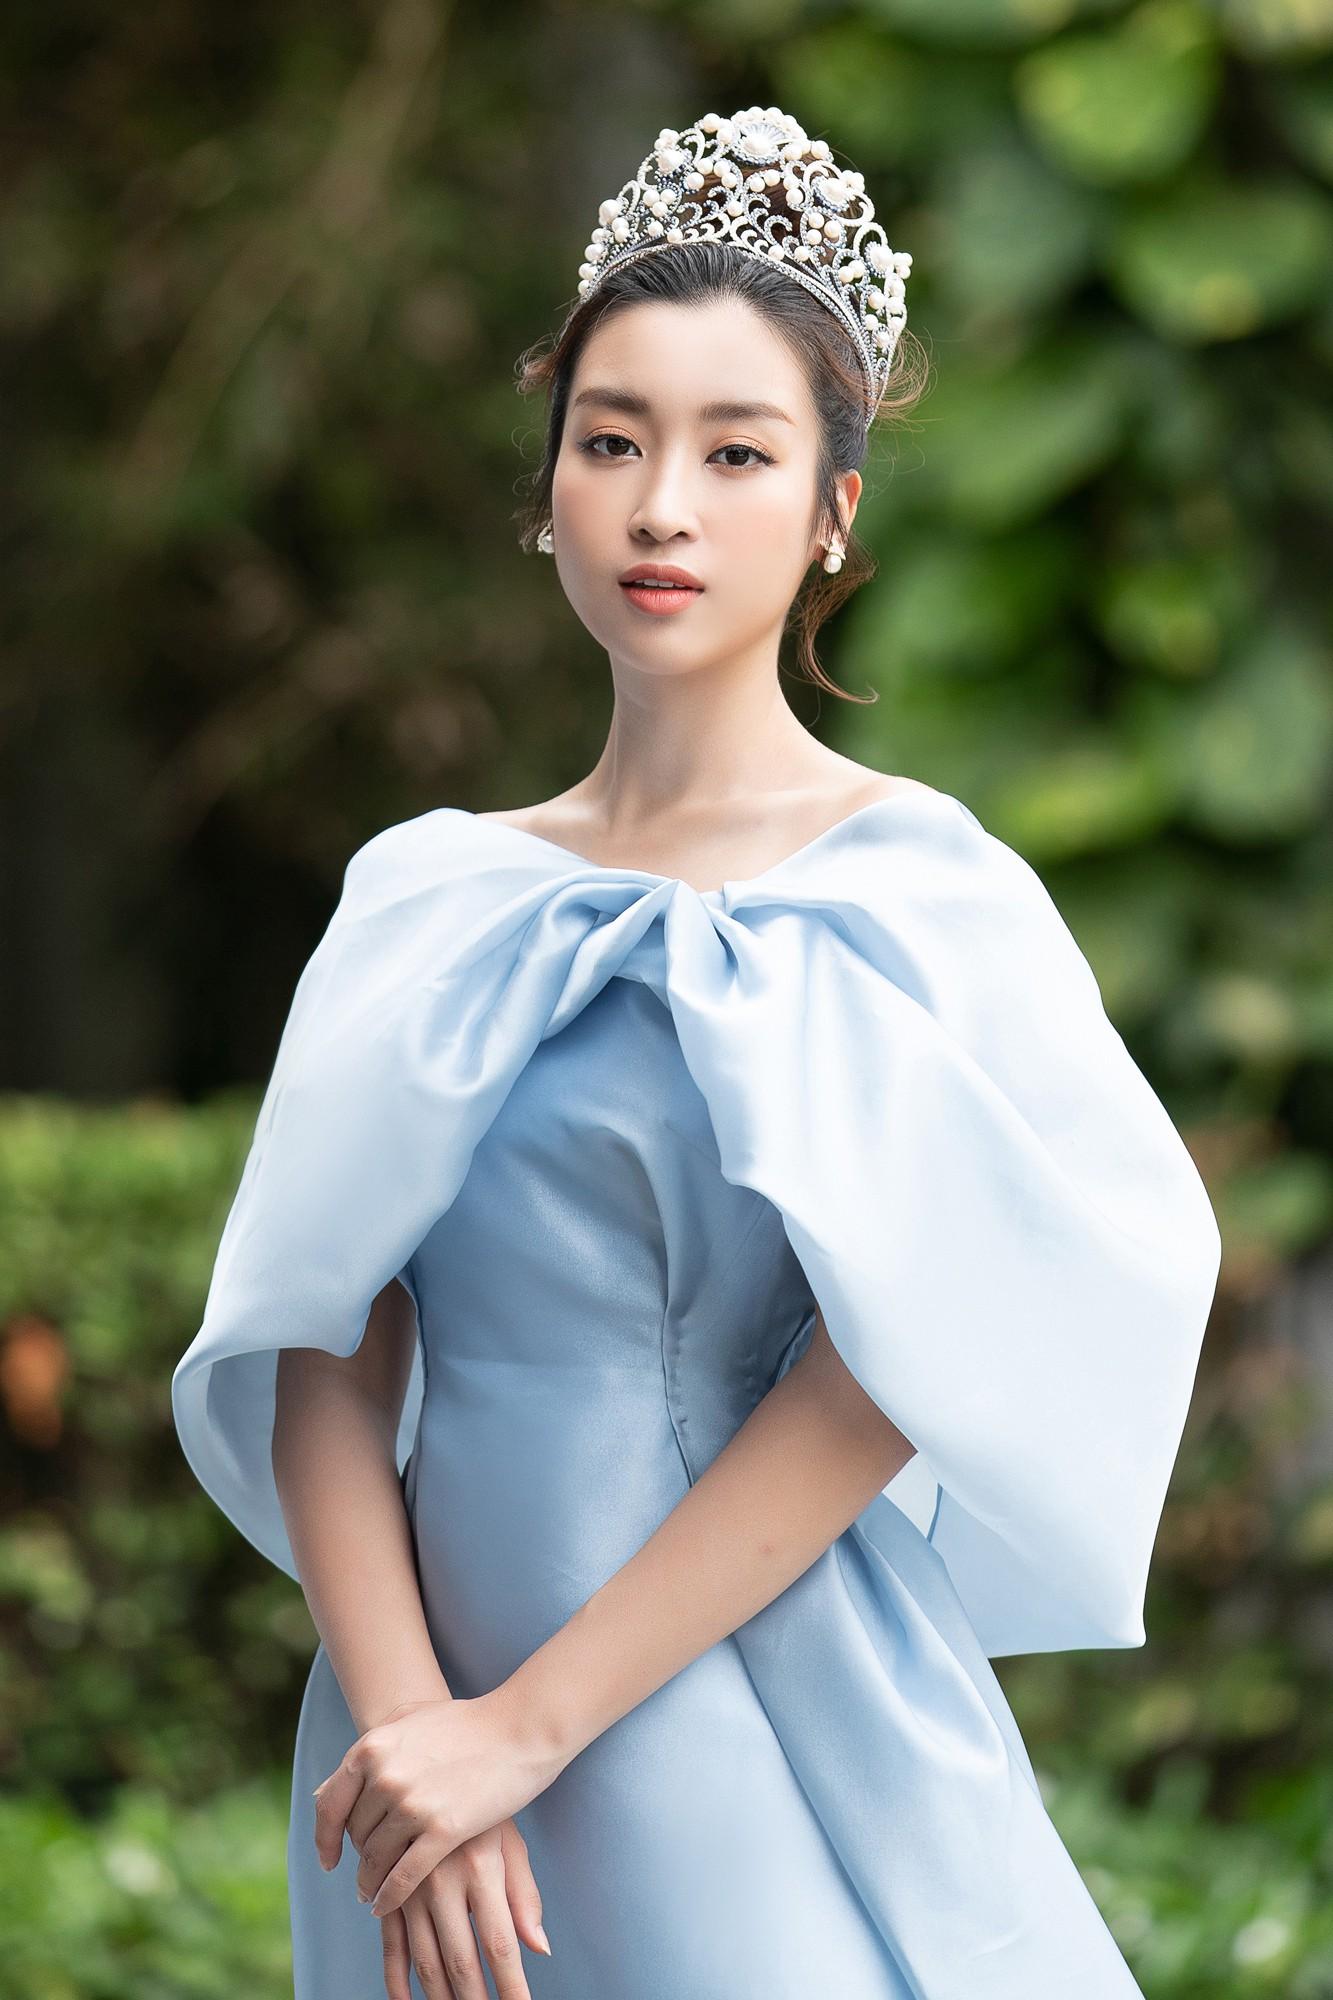 Họp báo chung kết Miss World Việt Nam 2019: Mỹ Linh - Tiểu Vy rạng rỡ đọ sắc, công bố cận cảnh vương miện 3 tỷ đồng - Ảnh 2.